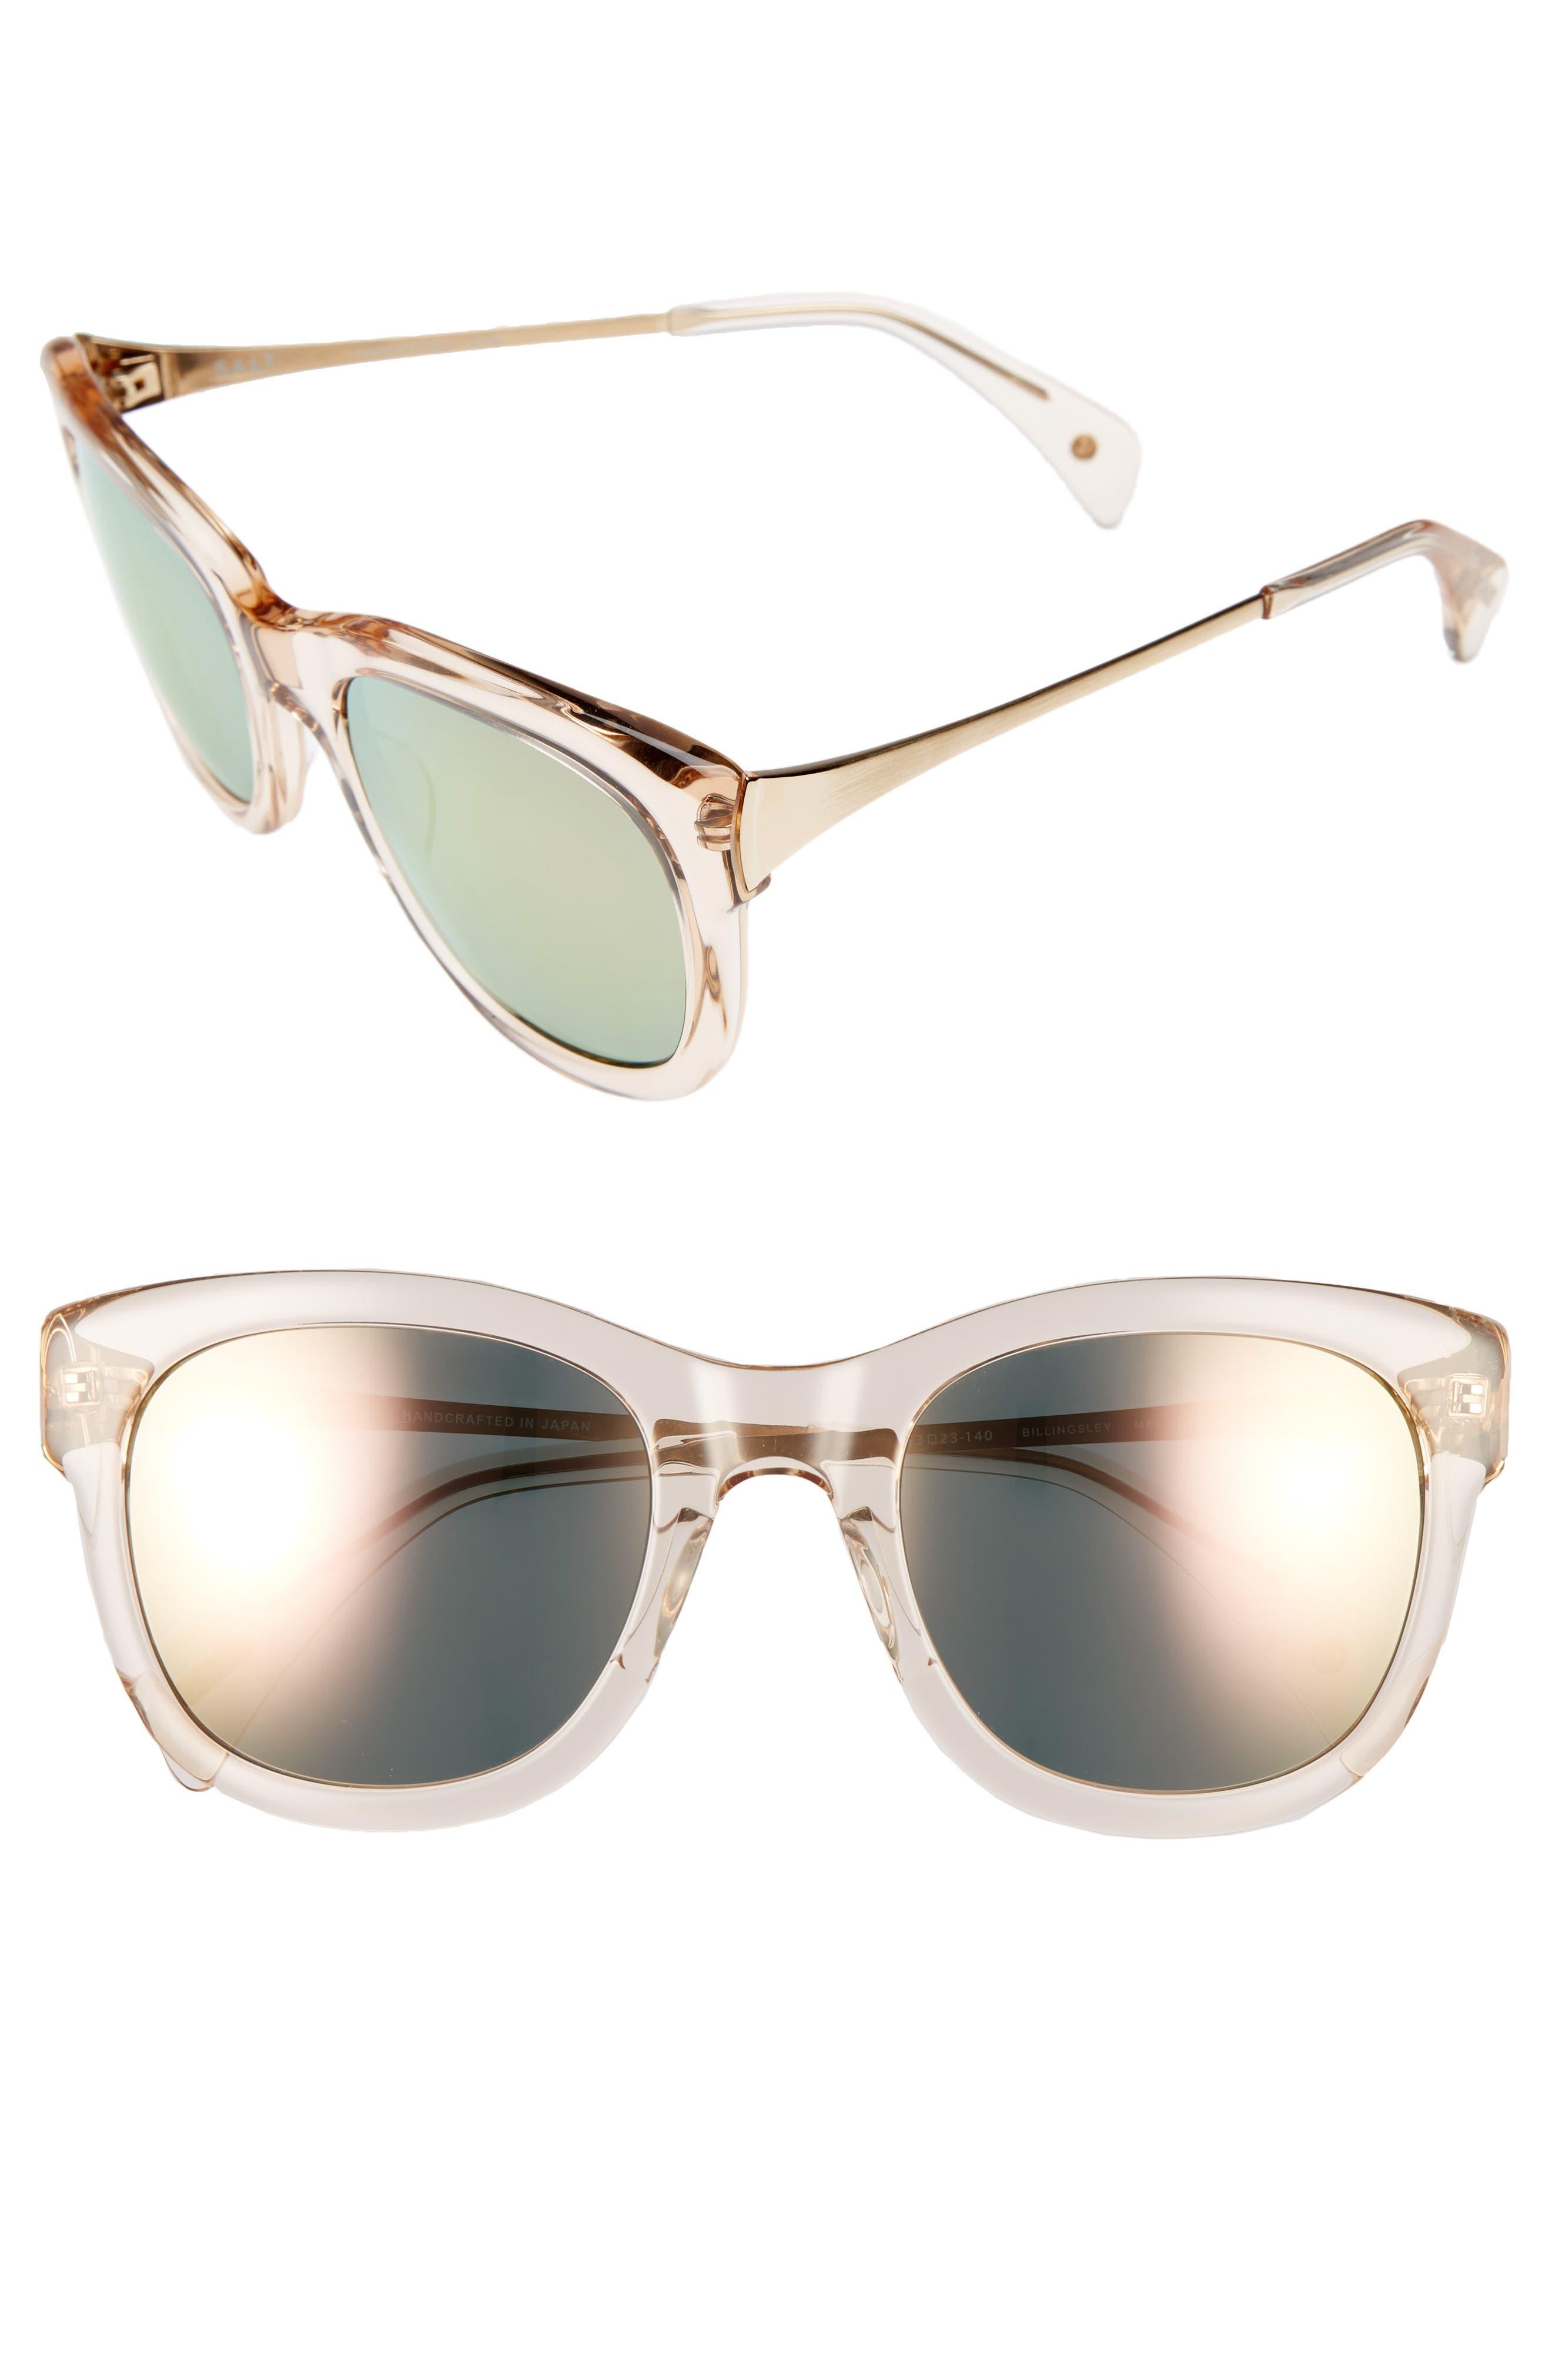 Alternate Image 1 Selected - SALT Billingsley 53mm Polarized Rectangular Sunglasses